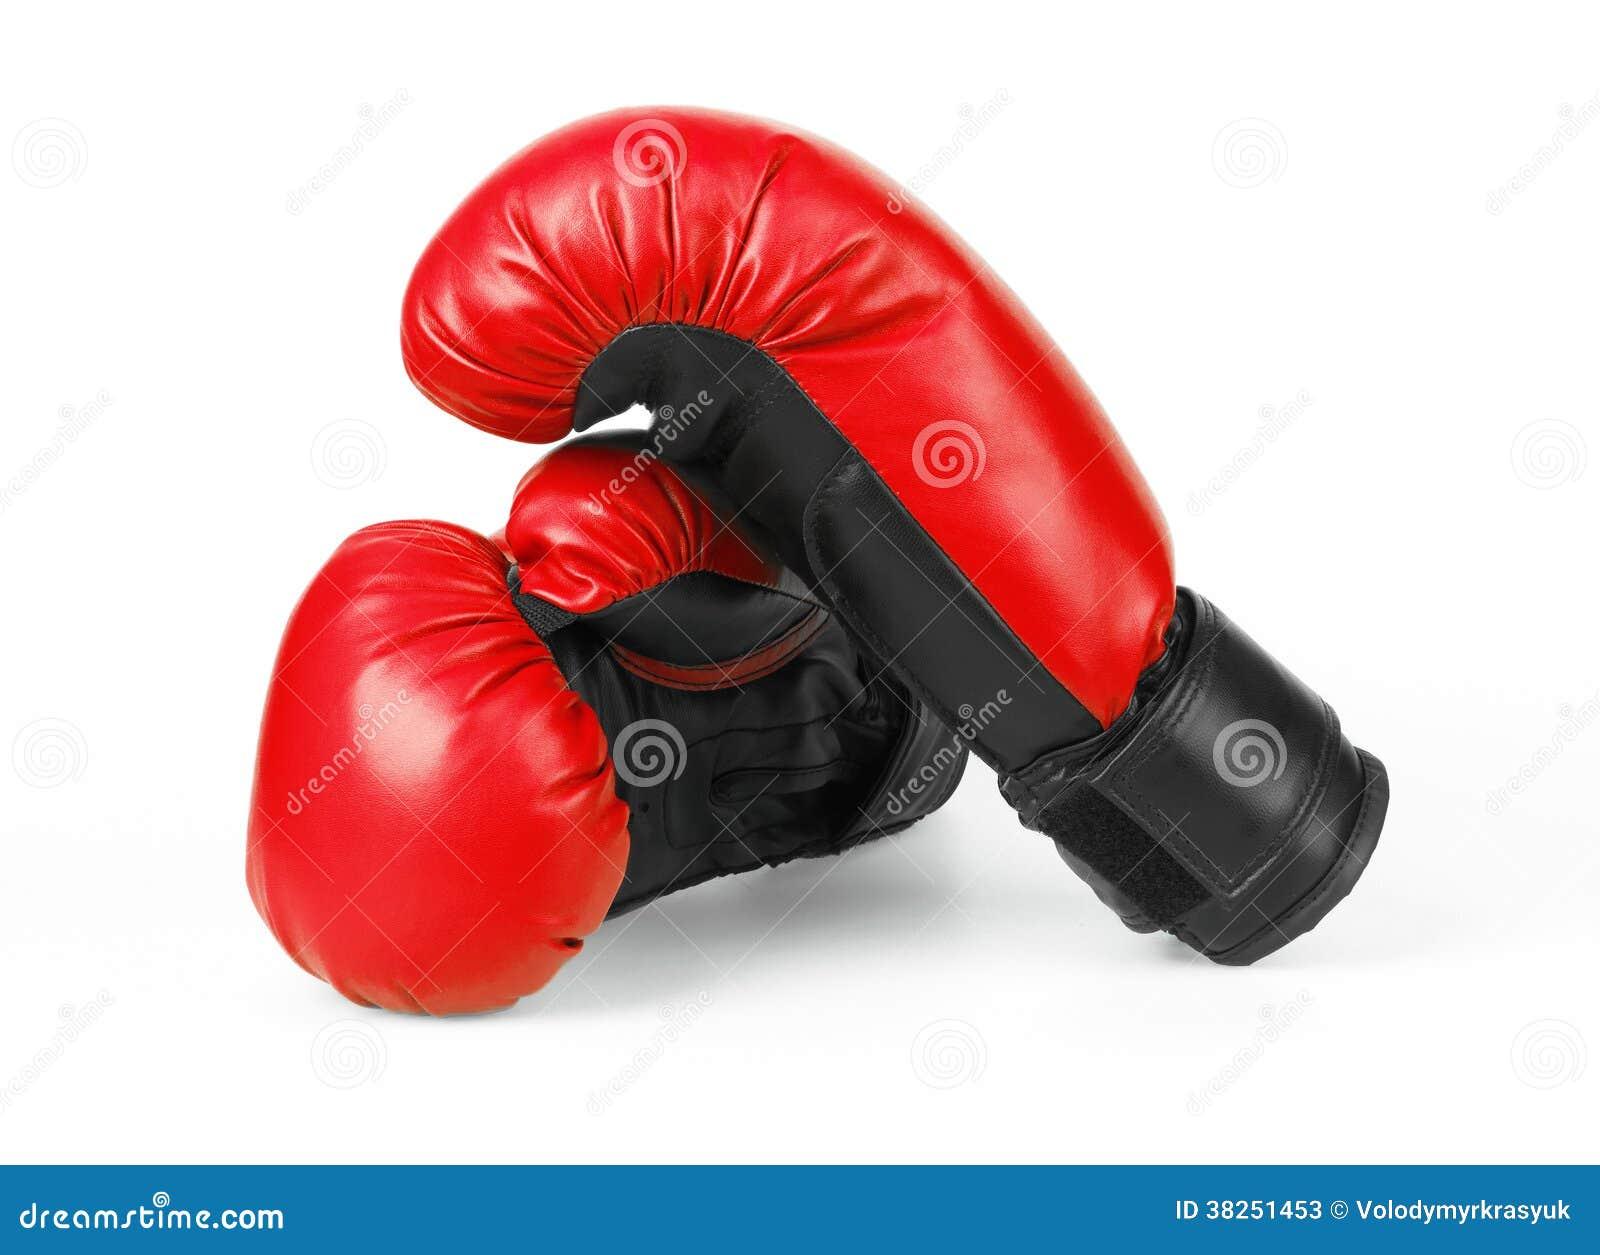 红色拳击手套